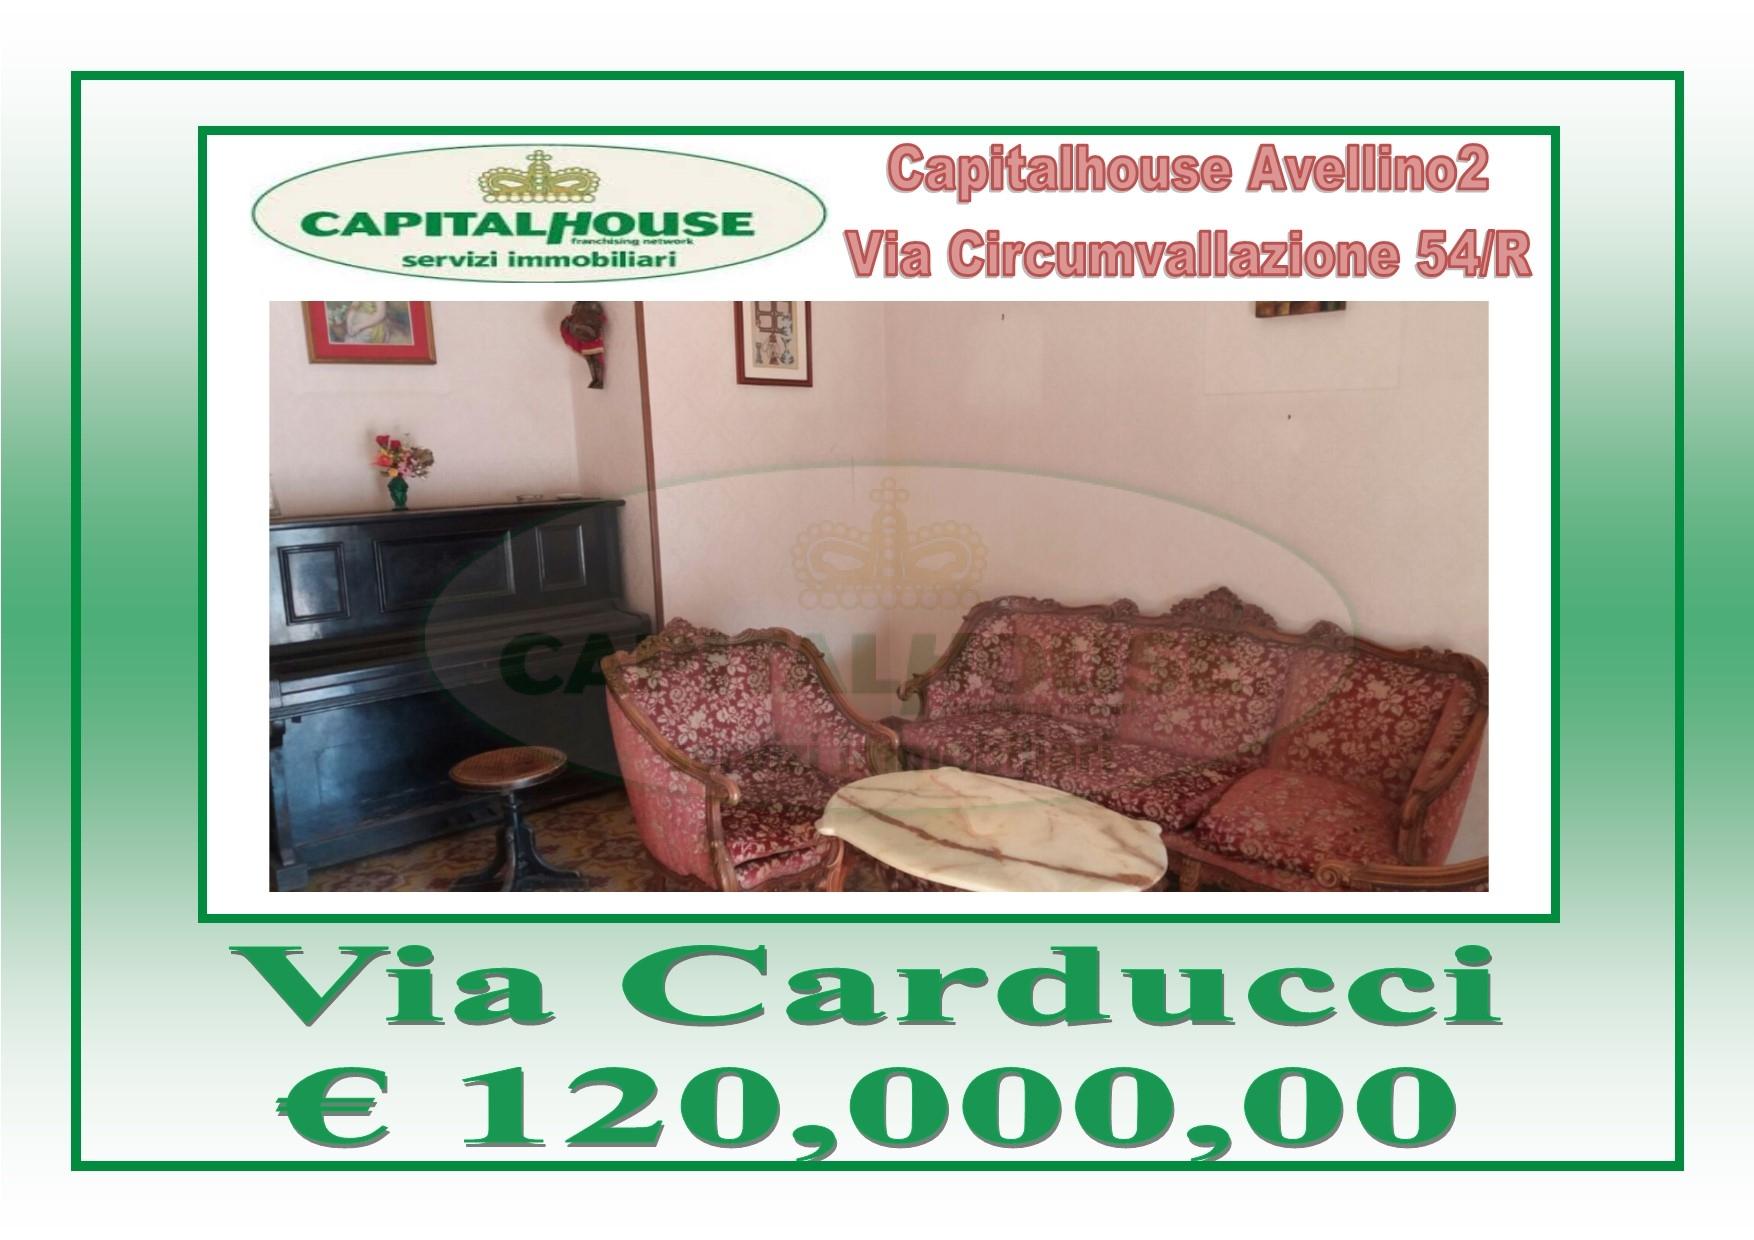 Appartamento in vendita a Avellino, 4 locali, zona Località: ViaCarducci, prezzo € 120.000 | Cambio Casa.it